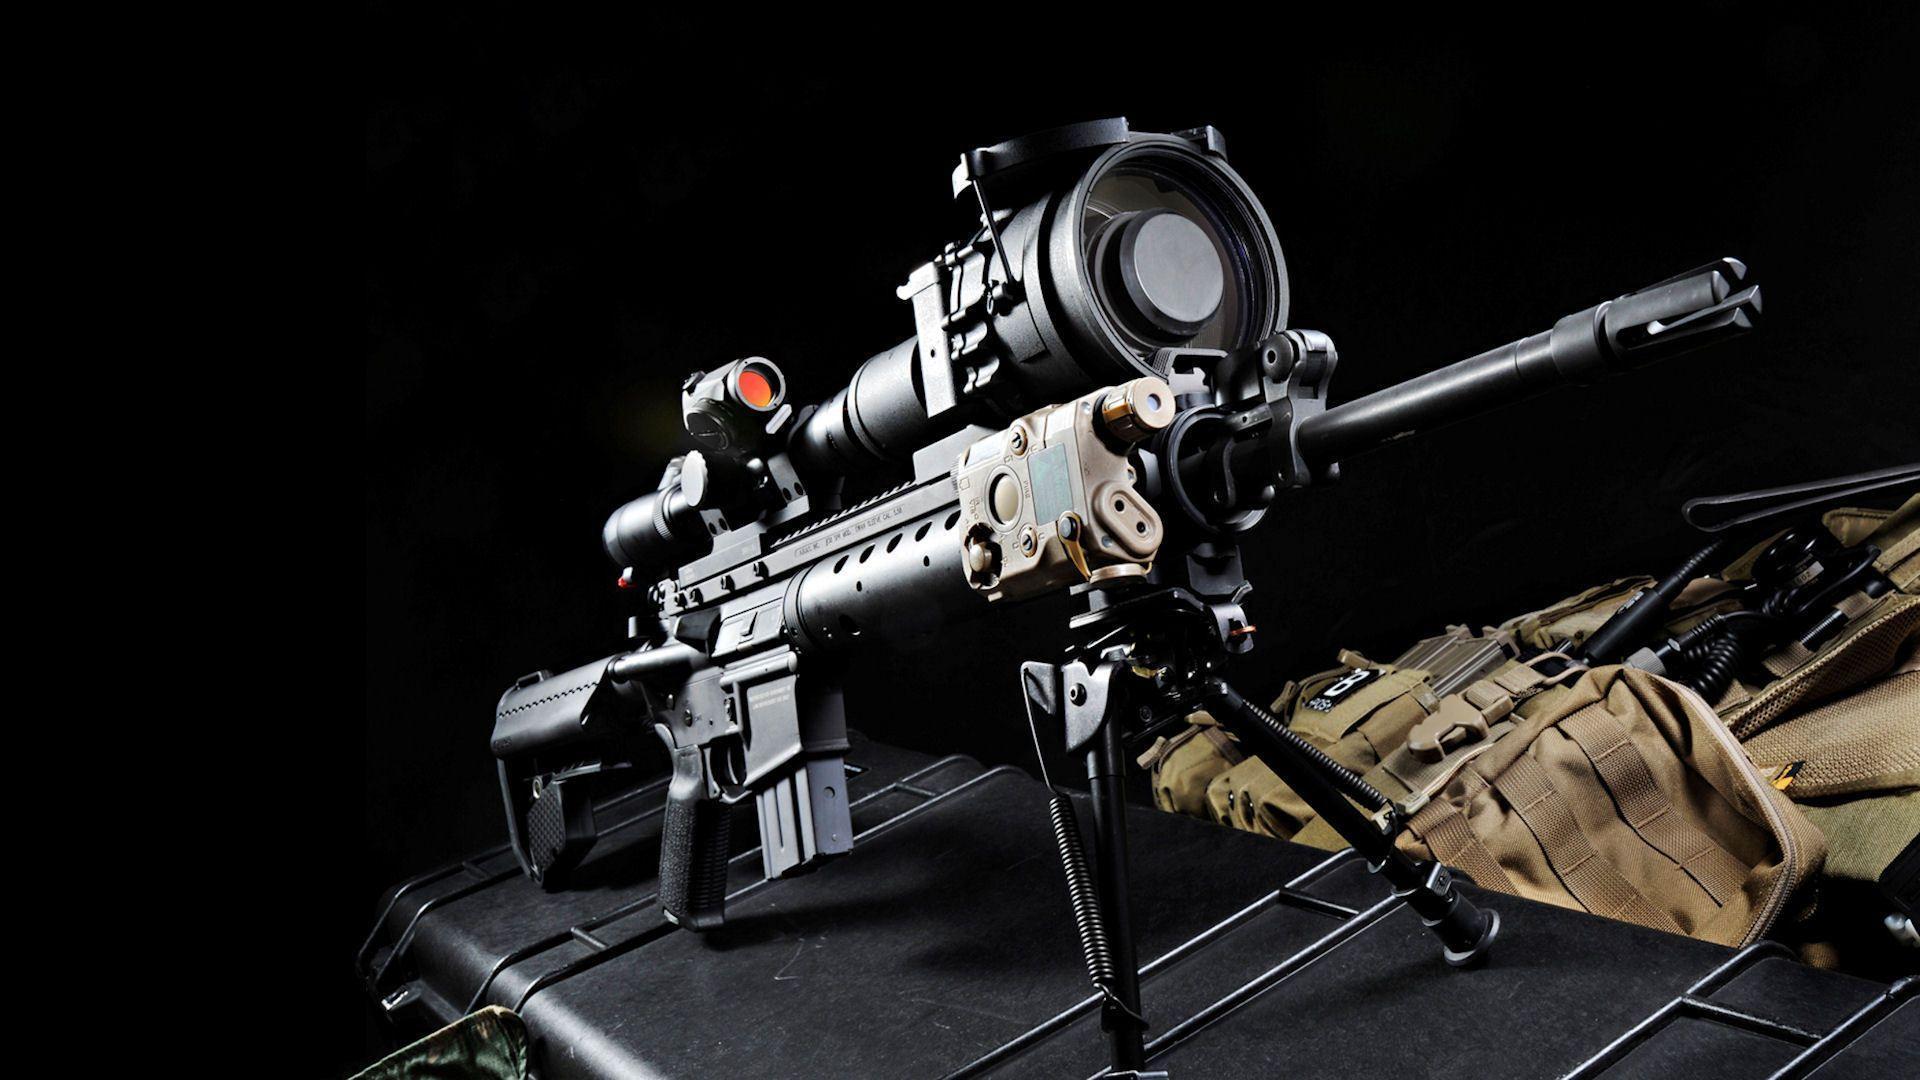 Sniper Gun Wallpapers 1920x1080